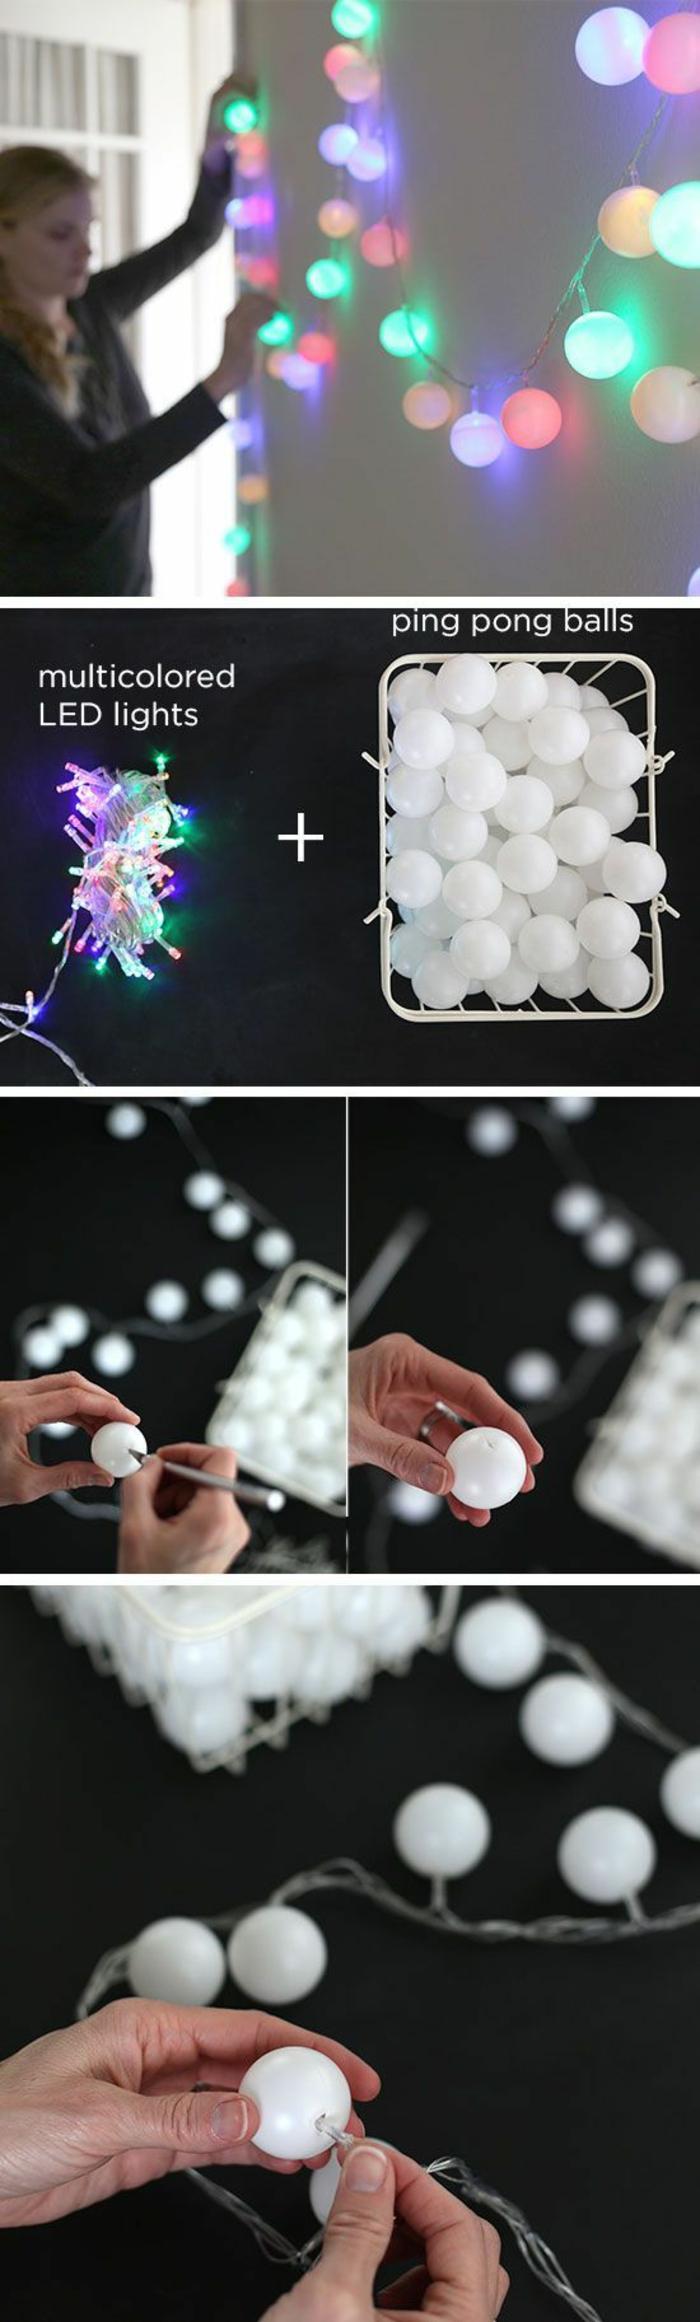 wanddeko selber machen, lampen, kleine weiße bälle aus plastik